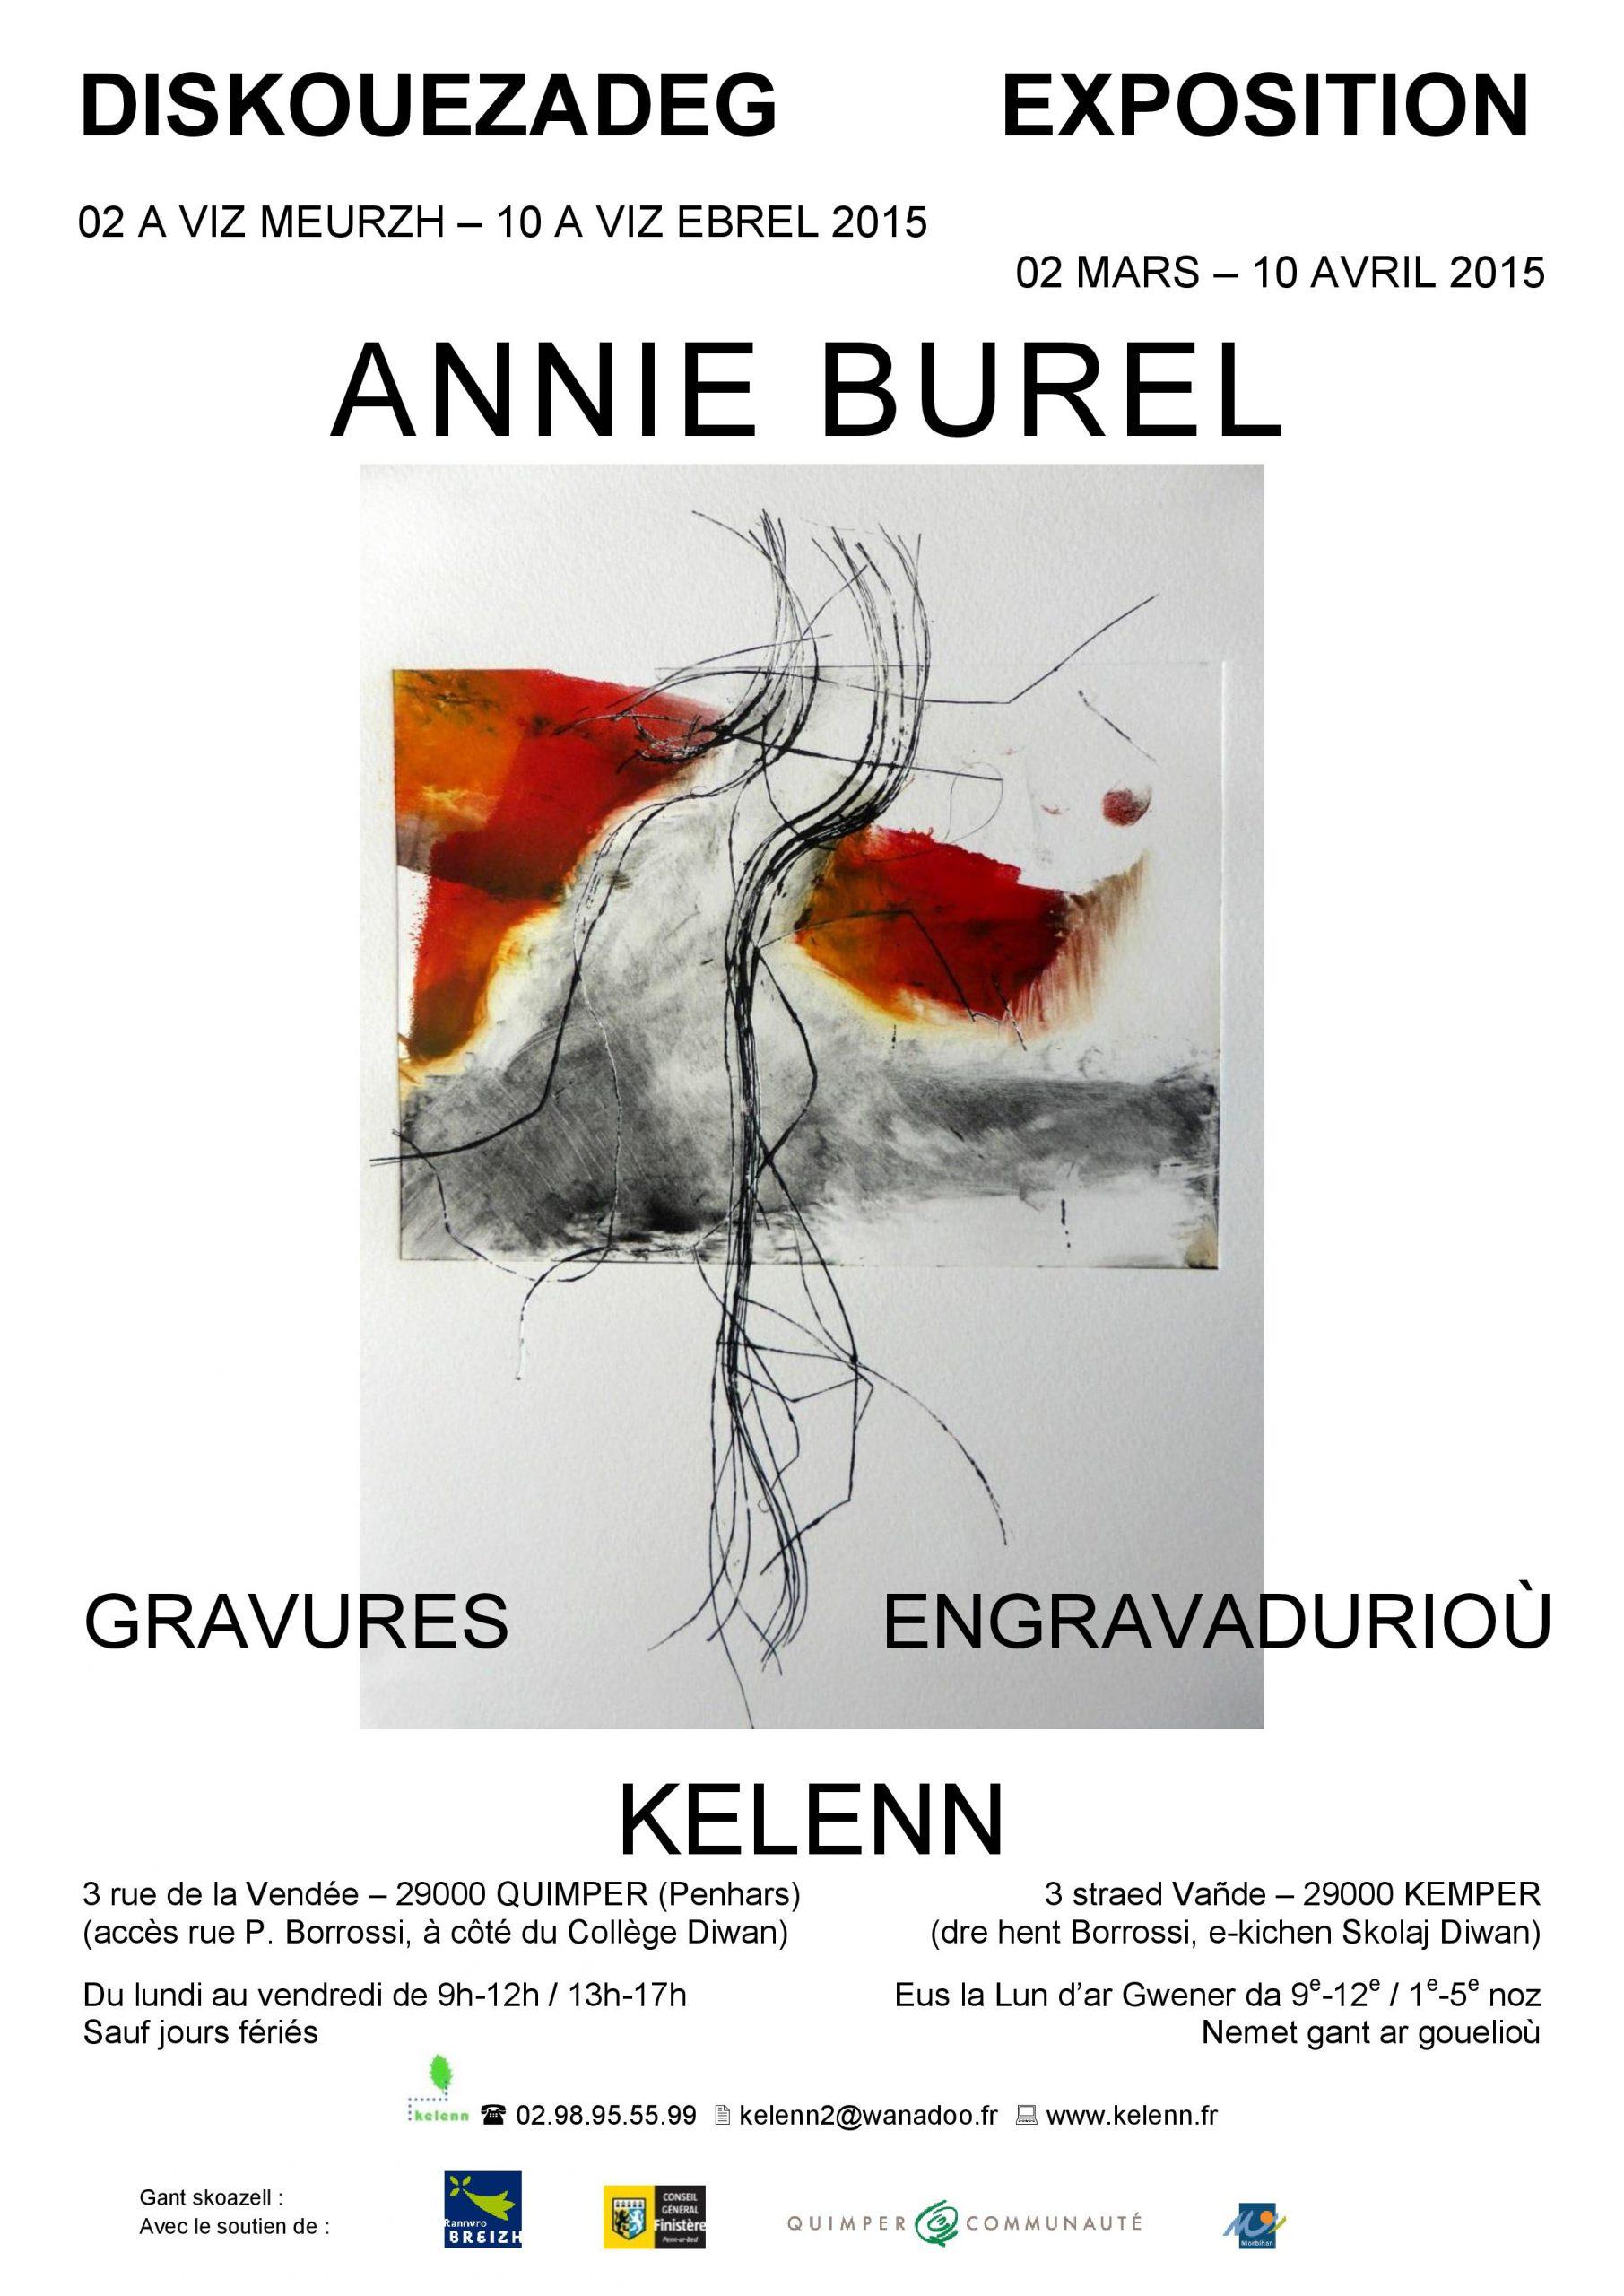 Diskouezadeg Annie Burel